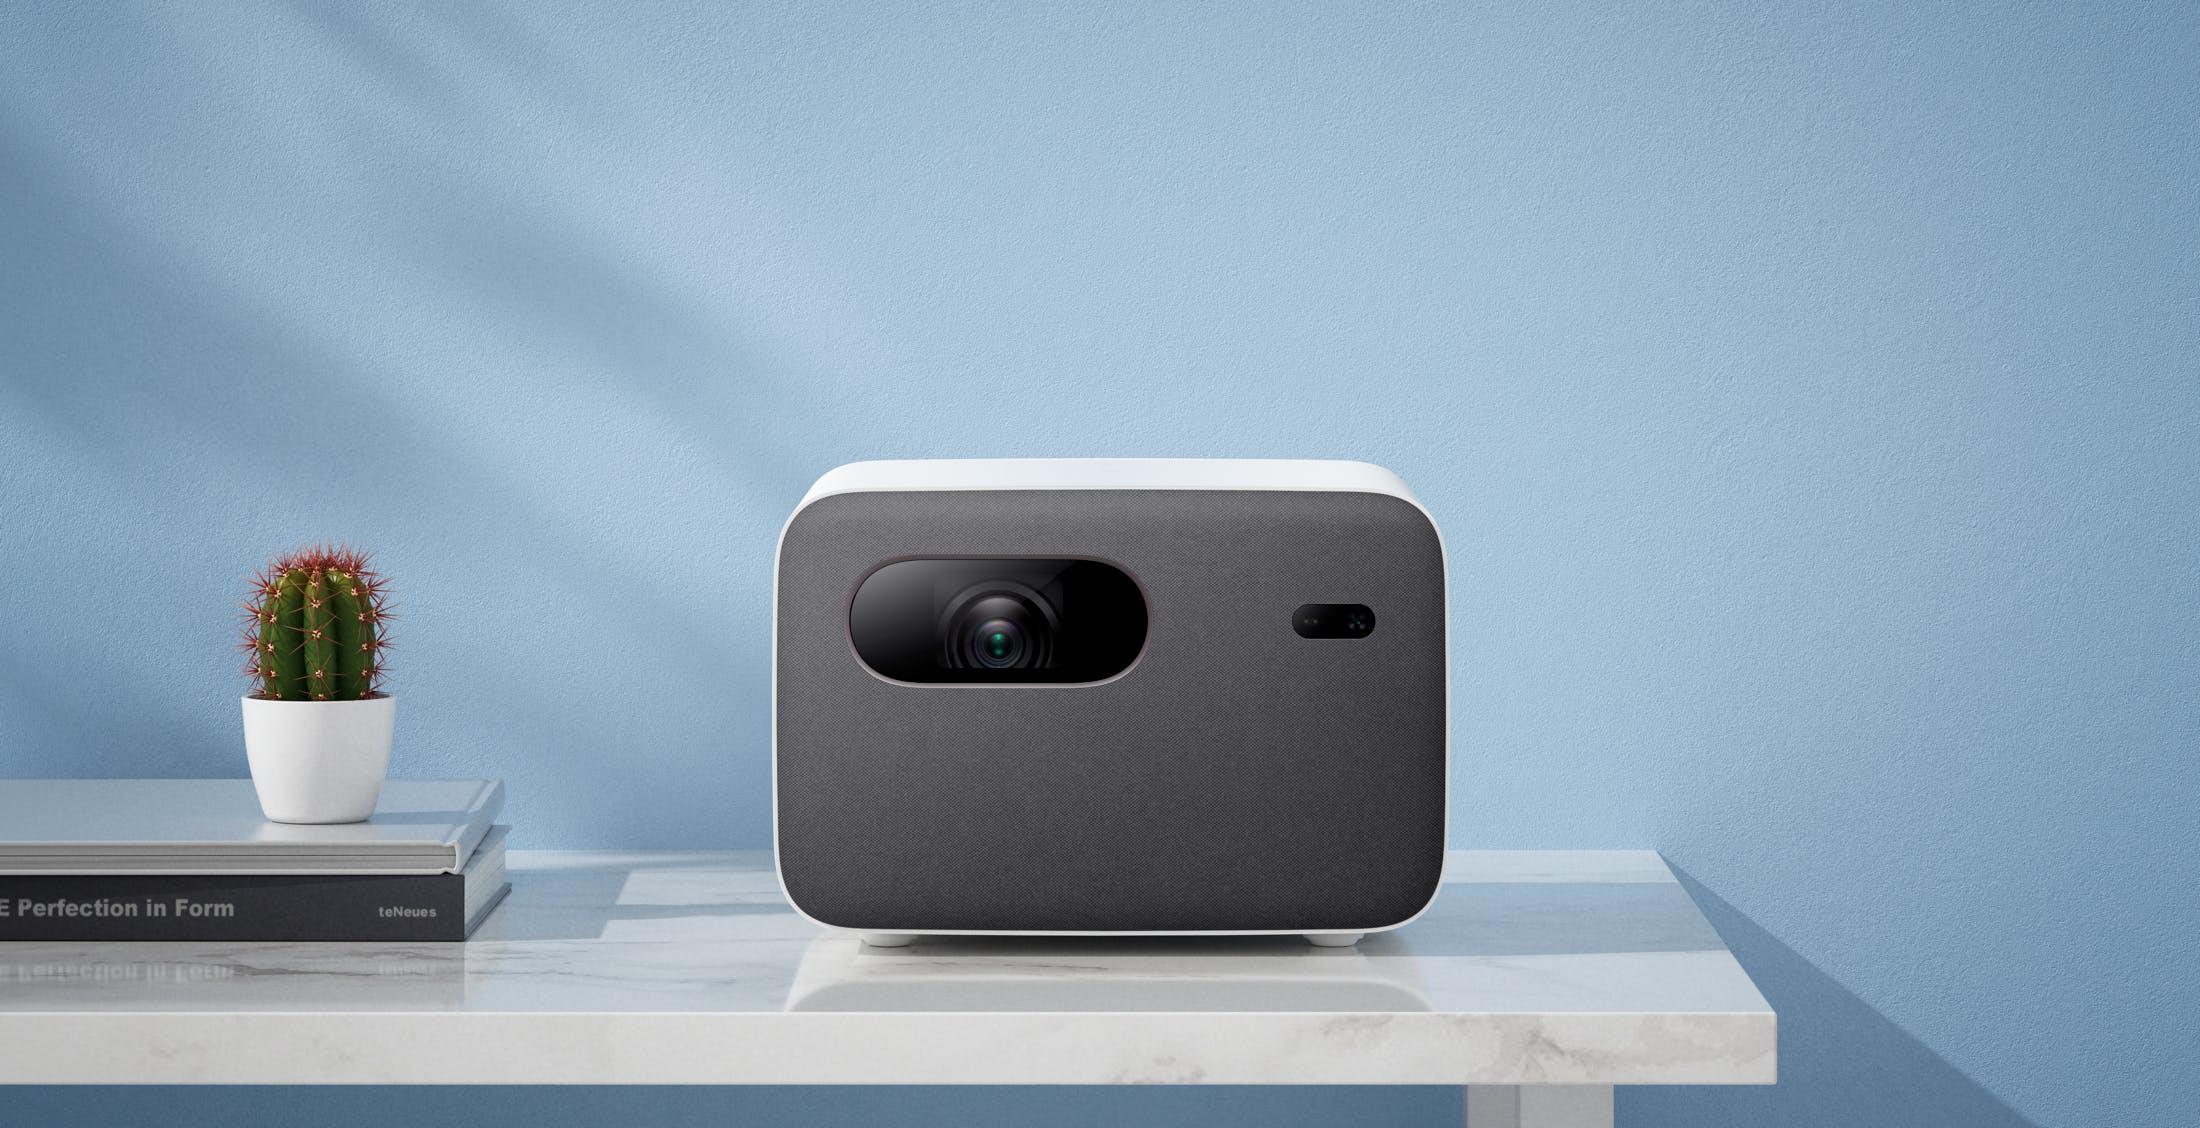 Mi Smart Projector 2 Pro arriva a maggio a 999 euro: sale il prezzo, non la risoluzione